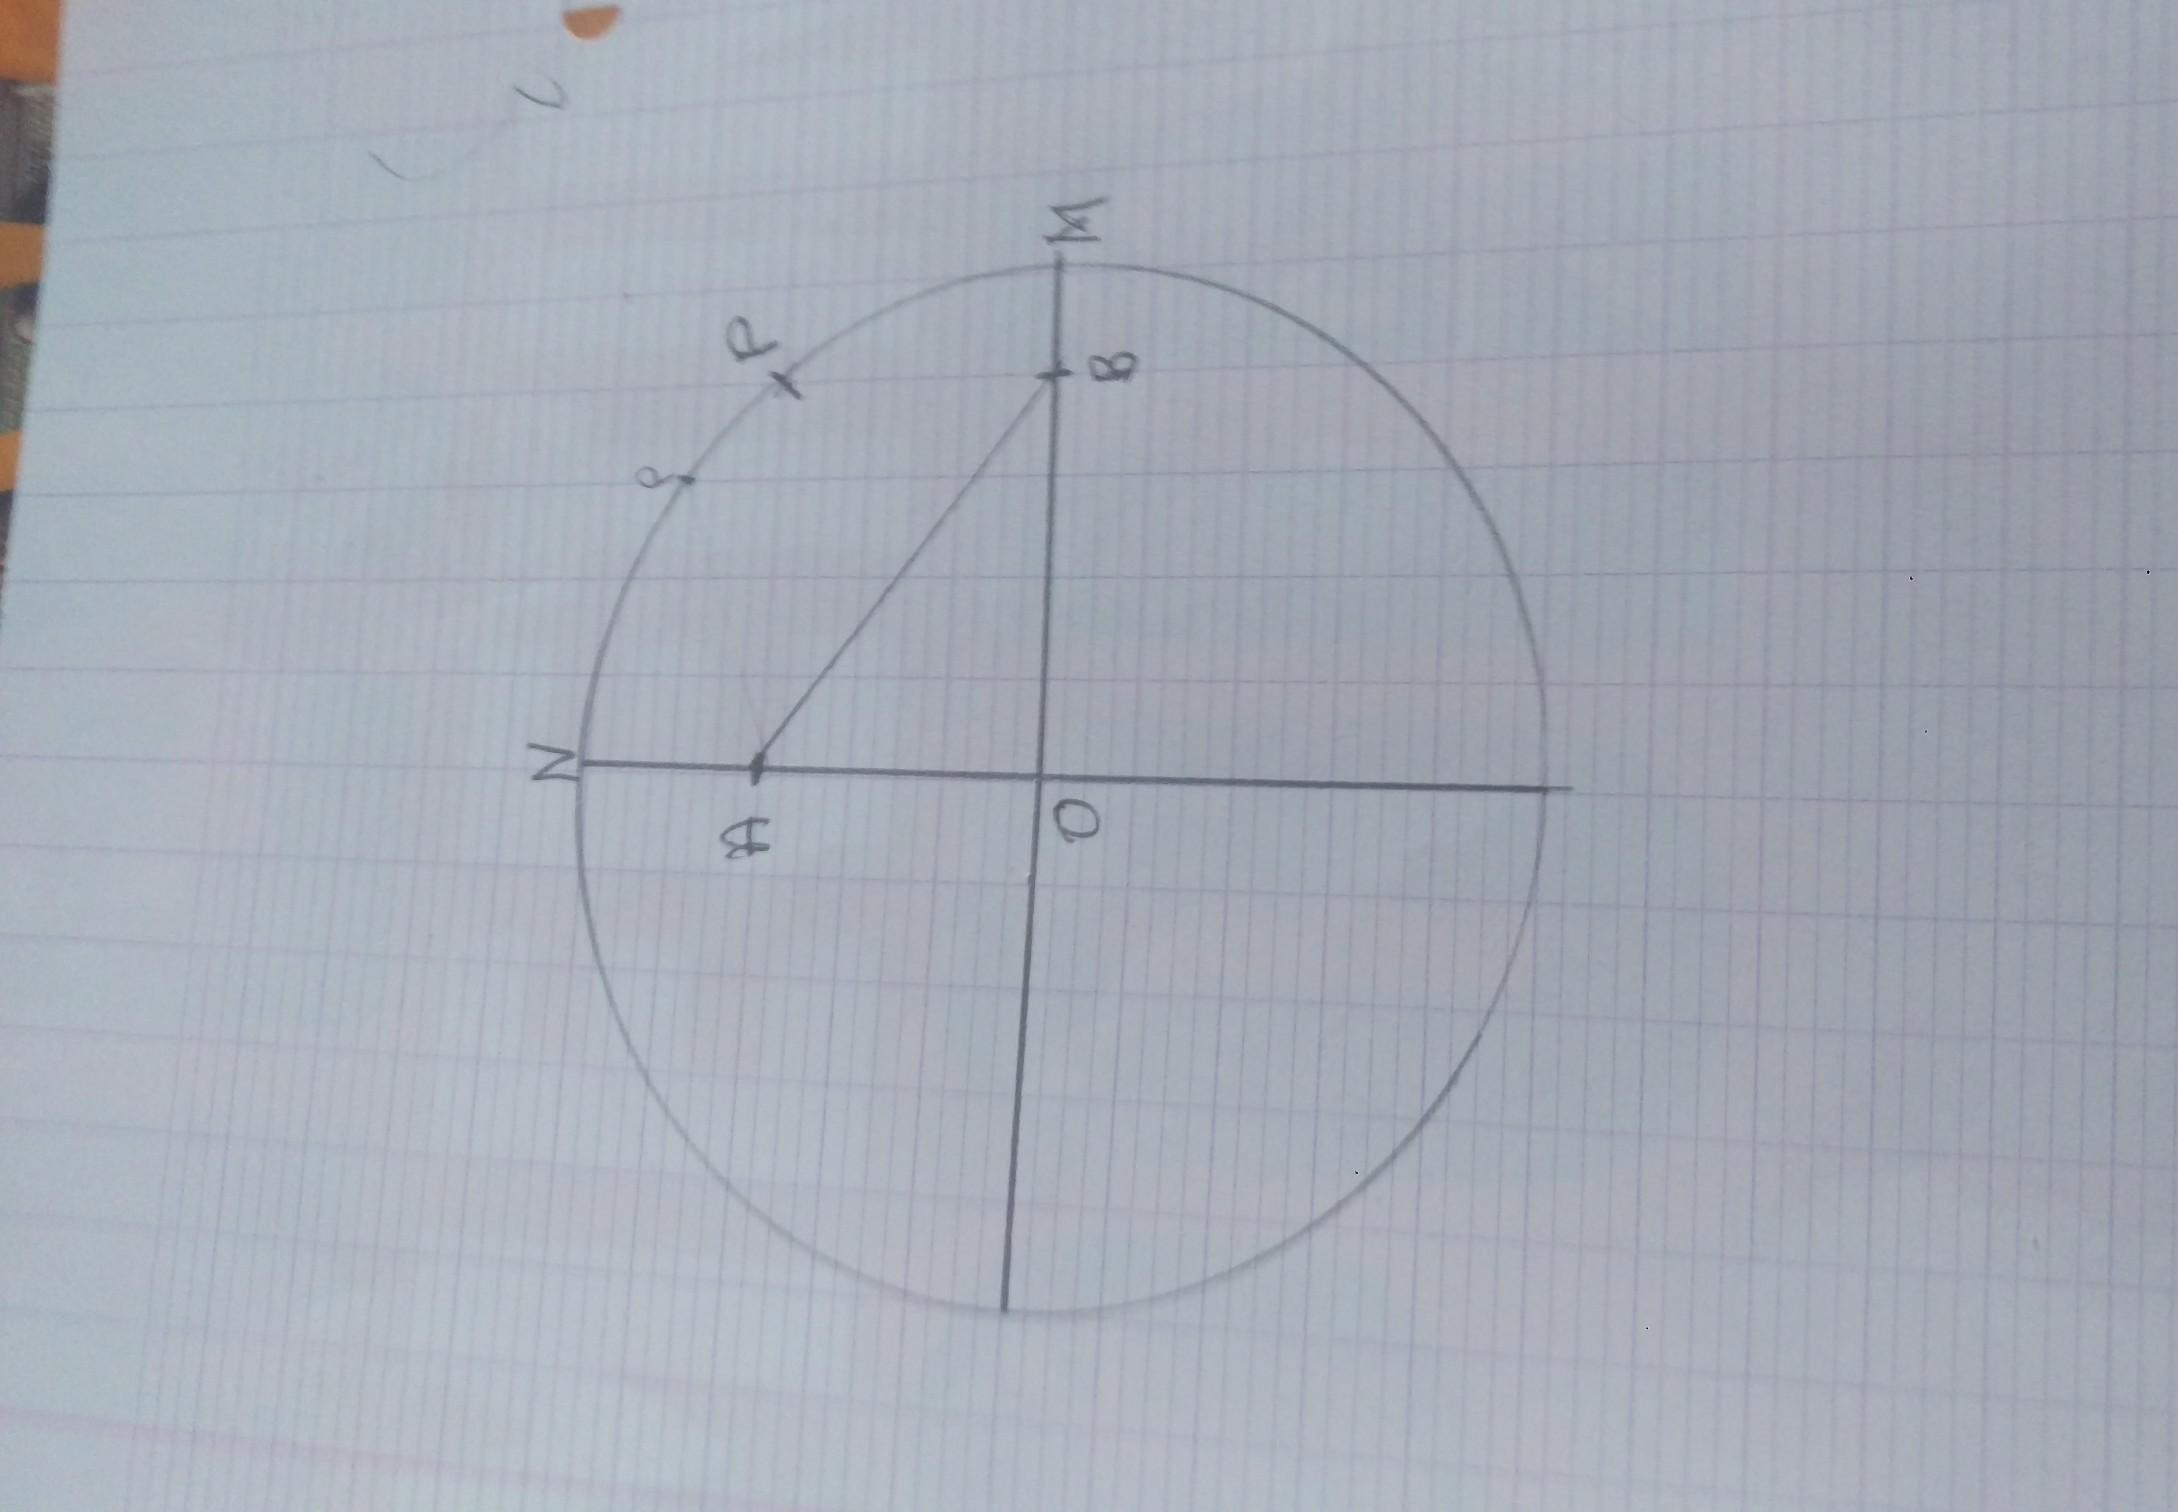 fatou a tracer un quart de cercle de